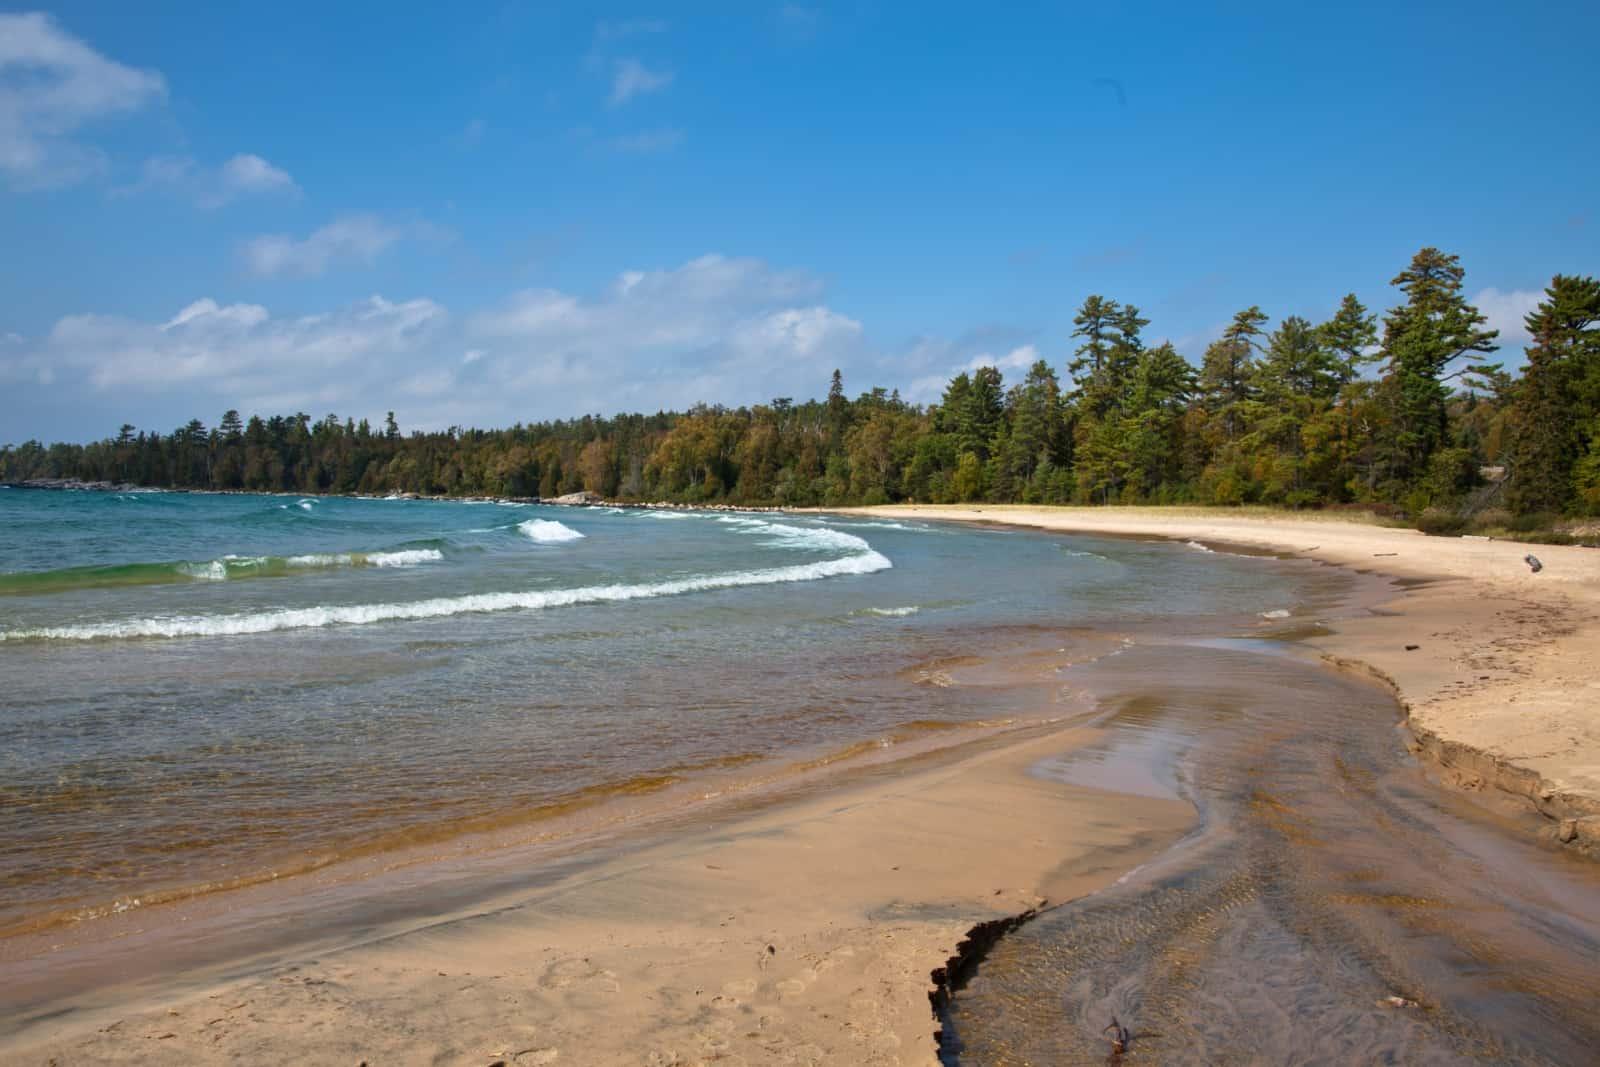 Sandy Beach am Lake Superior, wie der Obere See im Englischen heisst. Foto Viktorus/BigStock